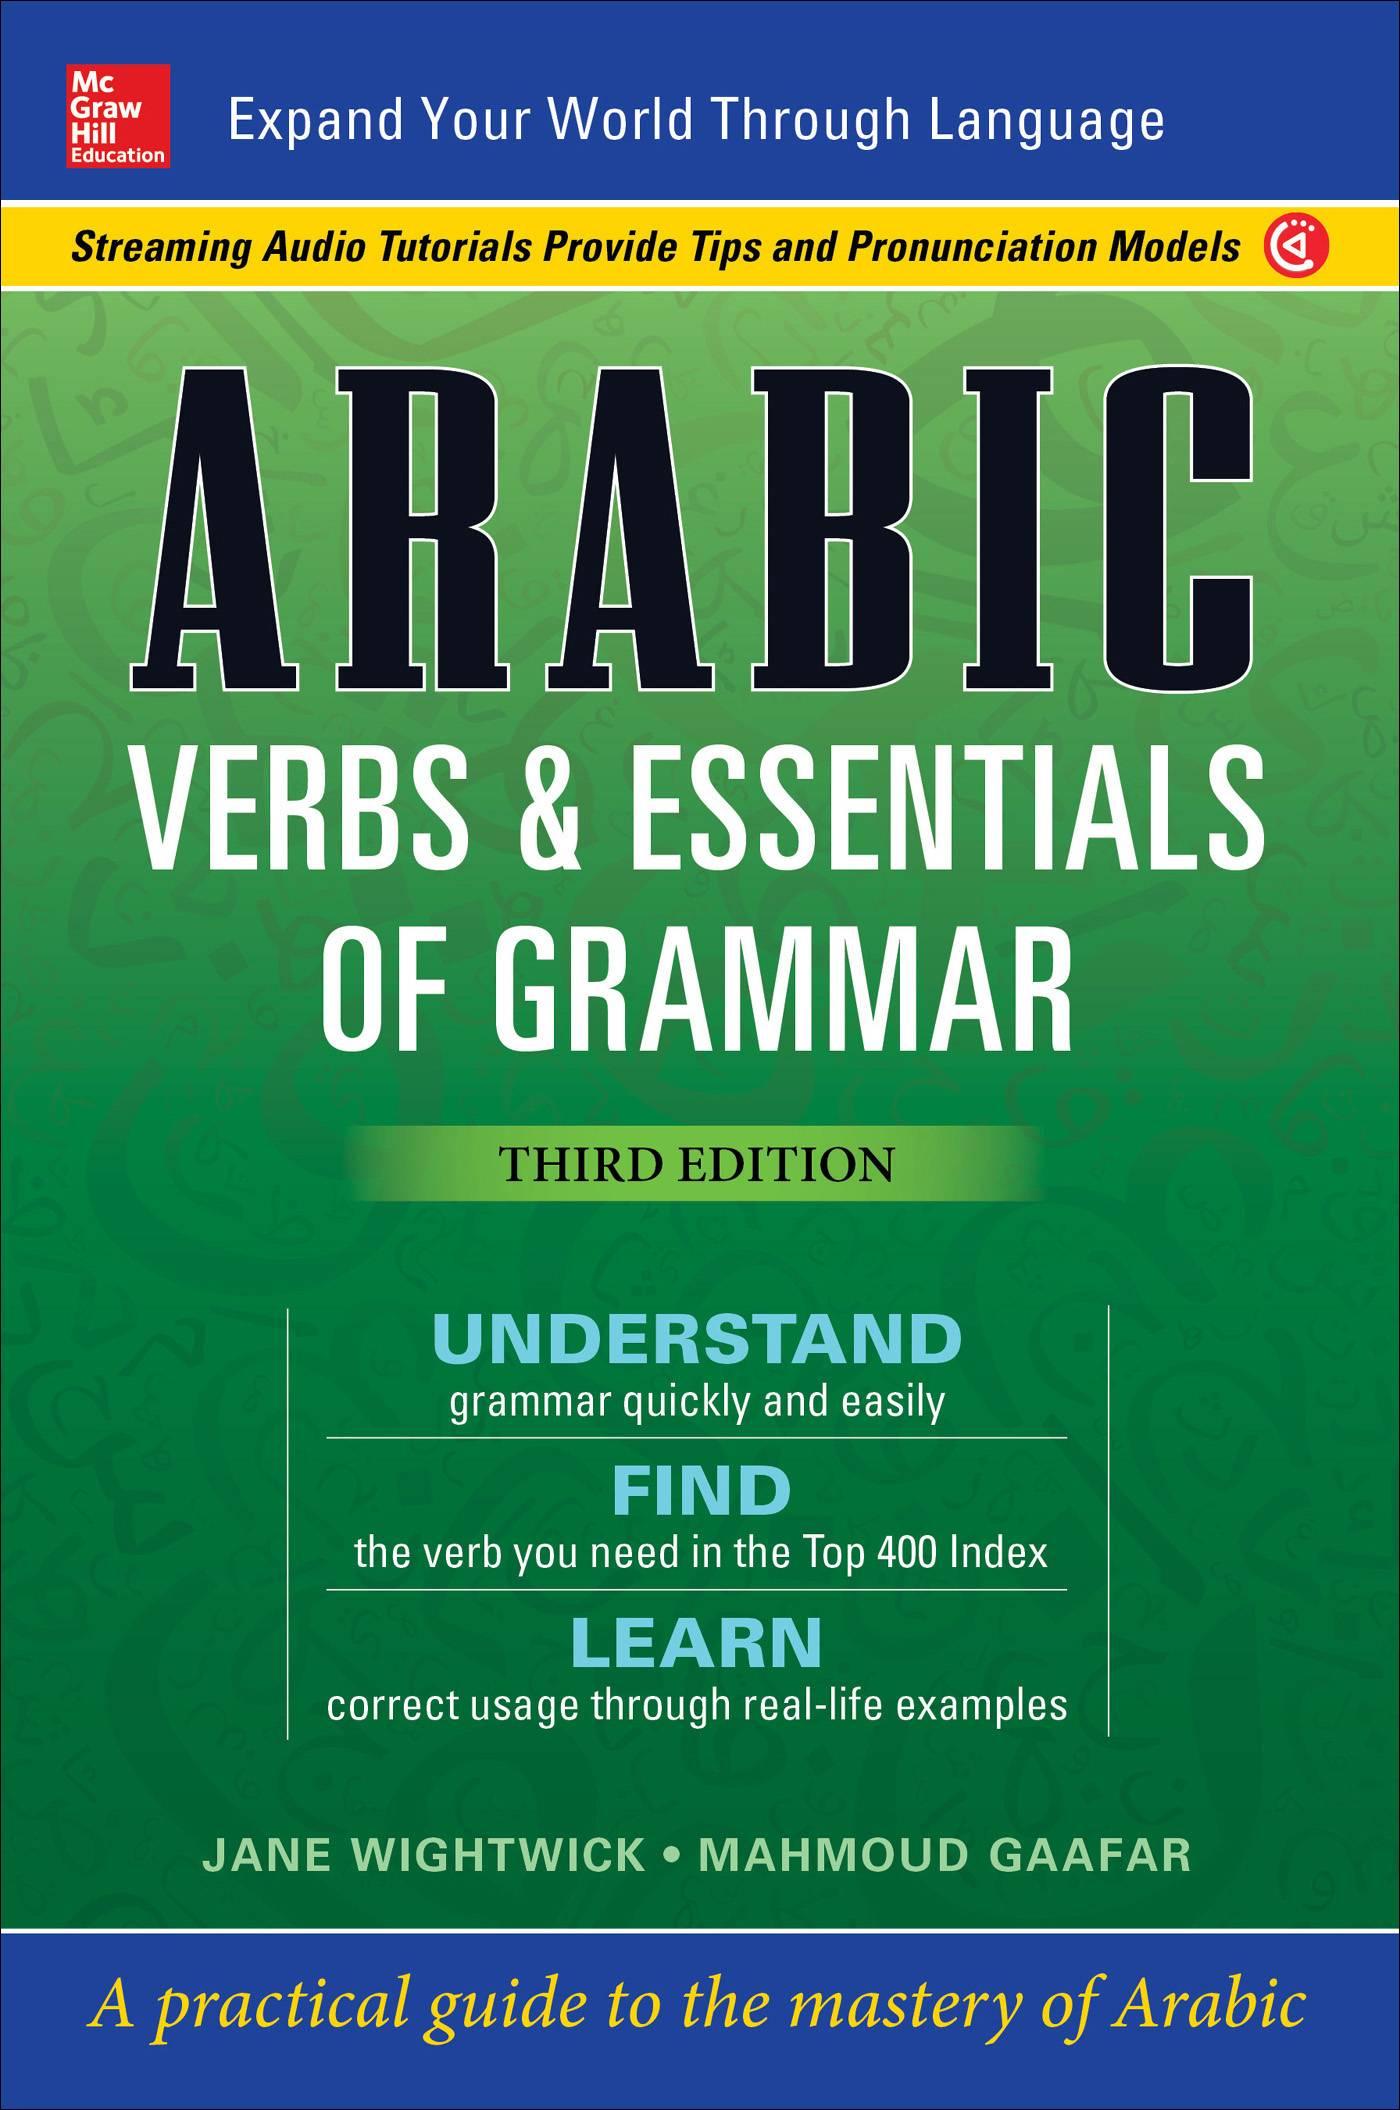 Arabic Verbs Amp Essentials Of Grammar 3rd Edition Avaxhome